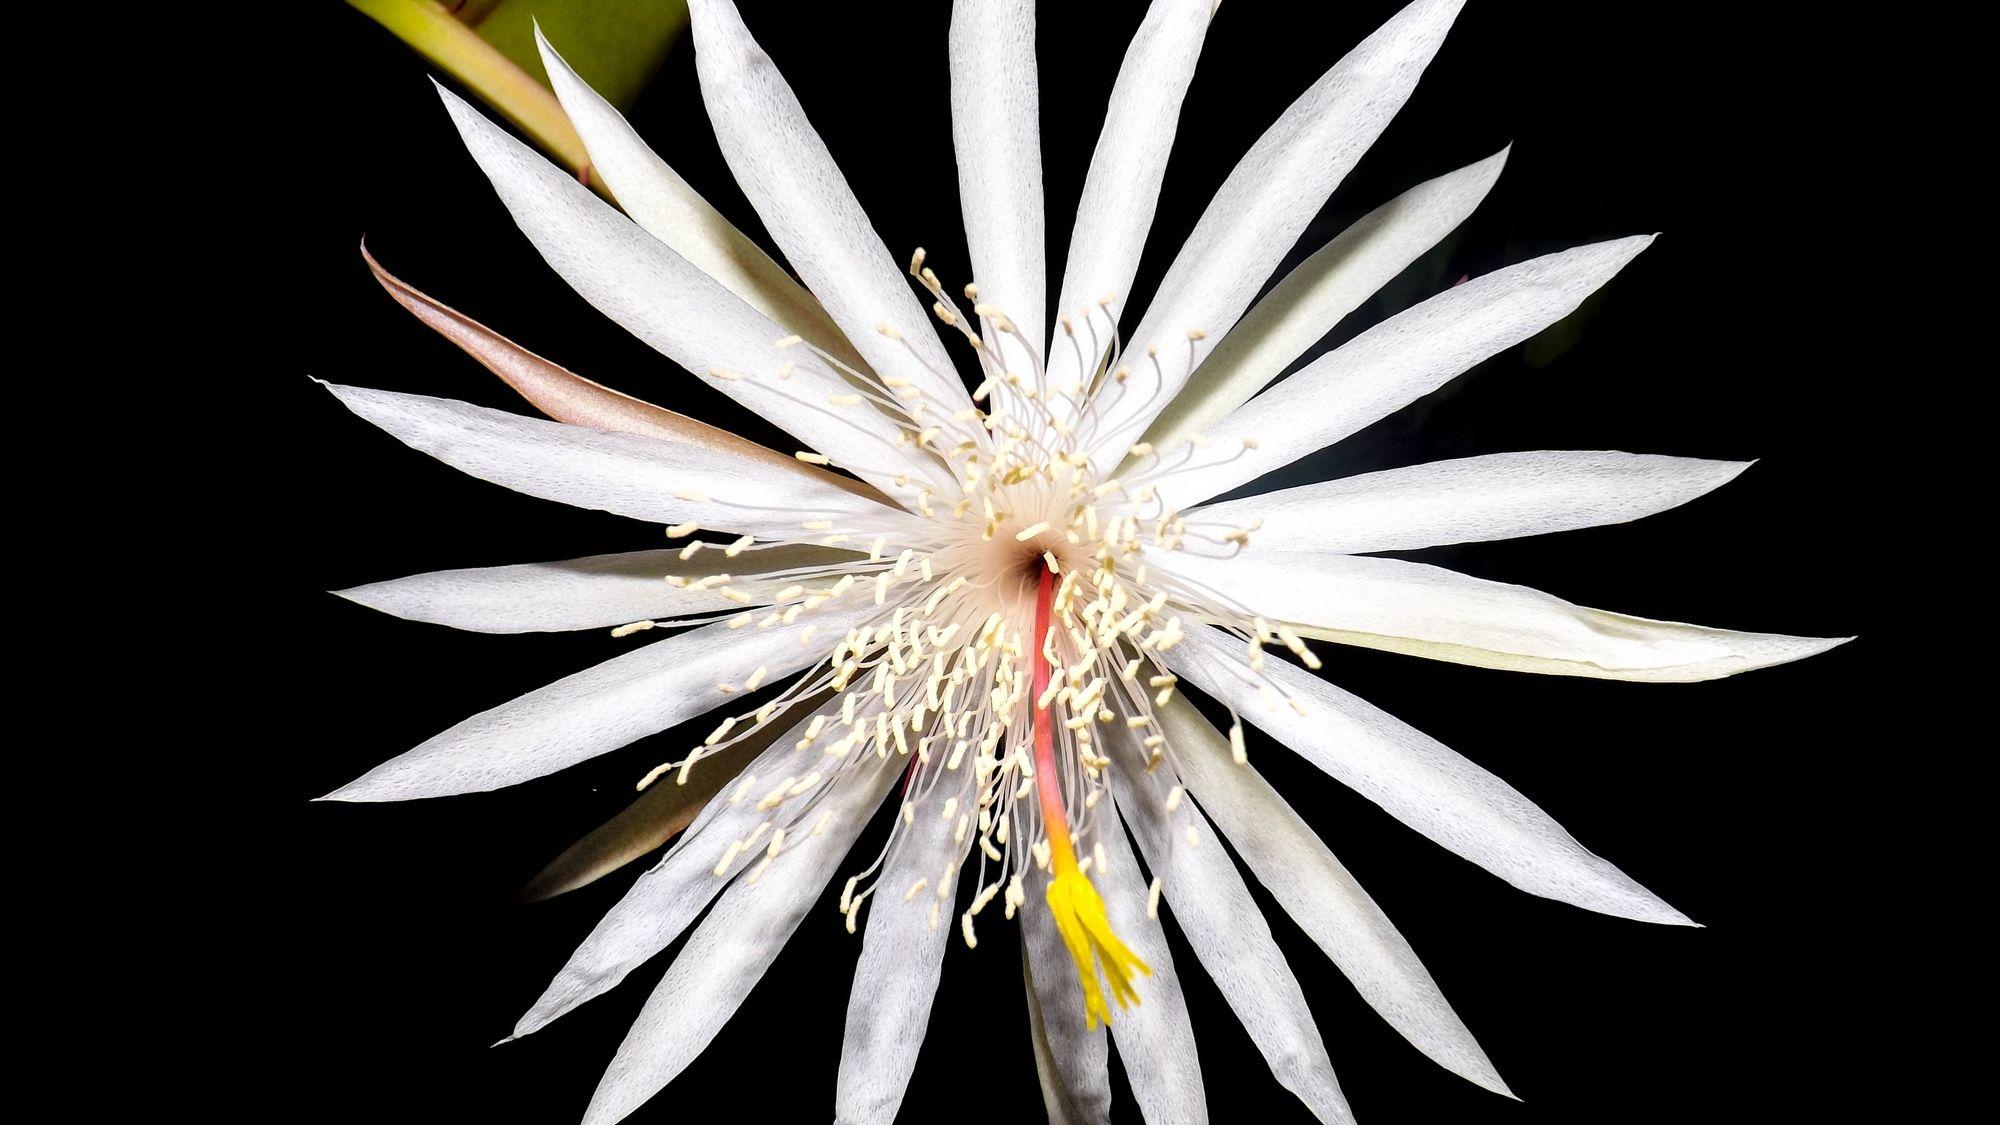 Kadupul virág